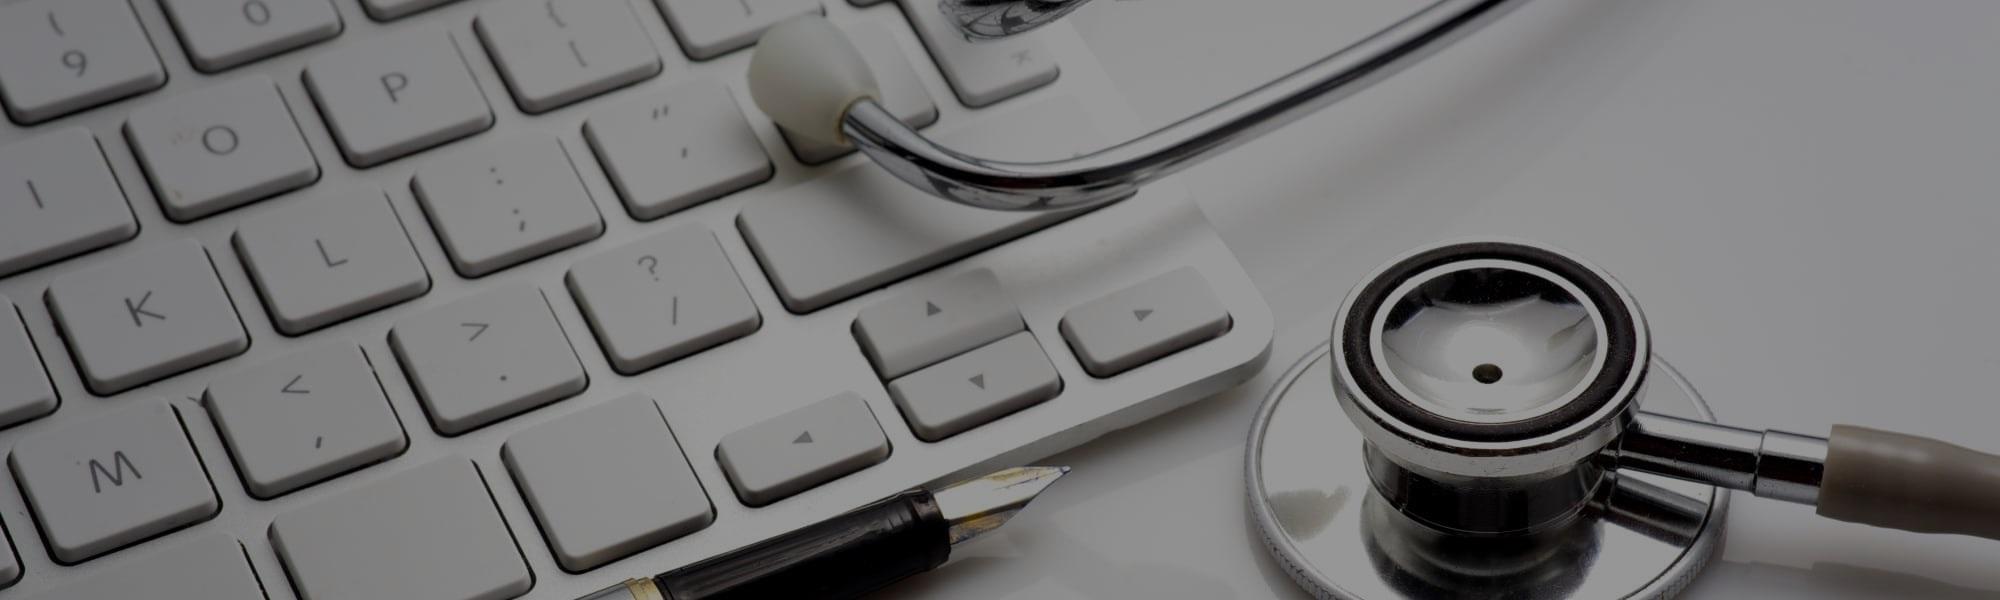 Kündigung Private Krankenversicherung Bei Wechsel In Angestelltenverhältnis